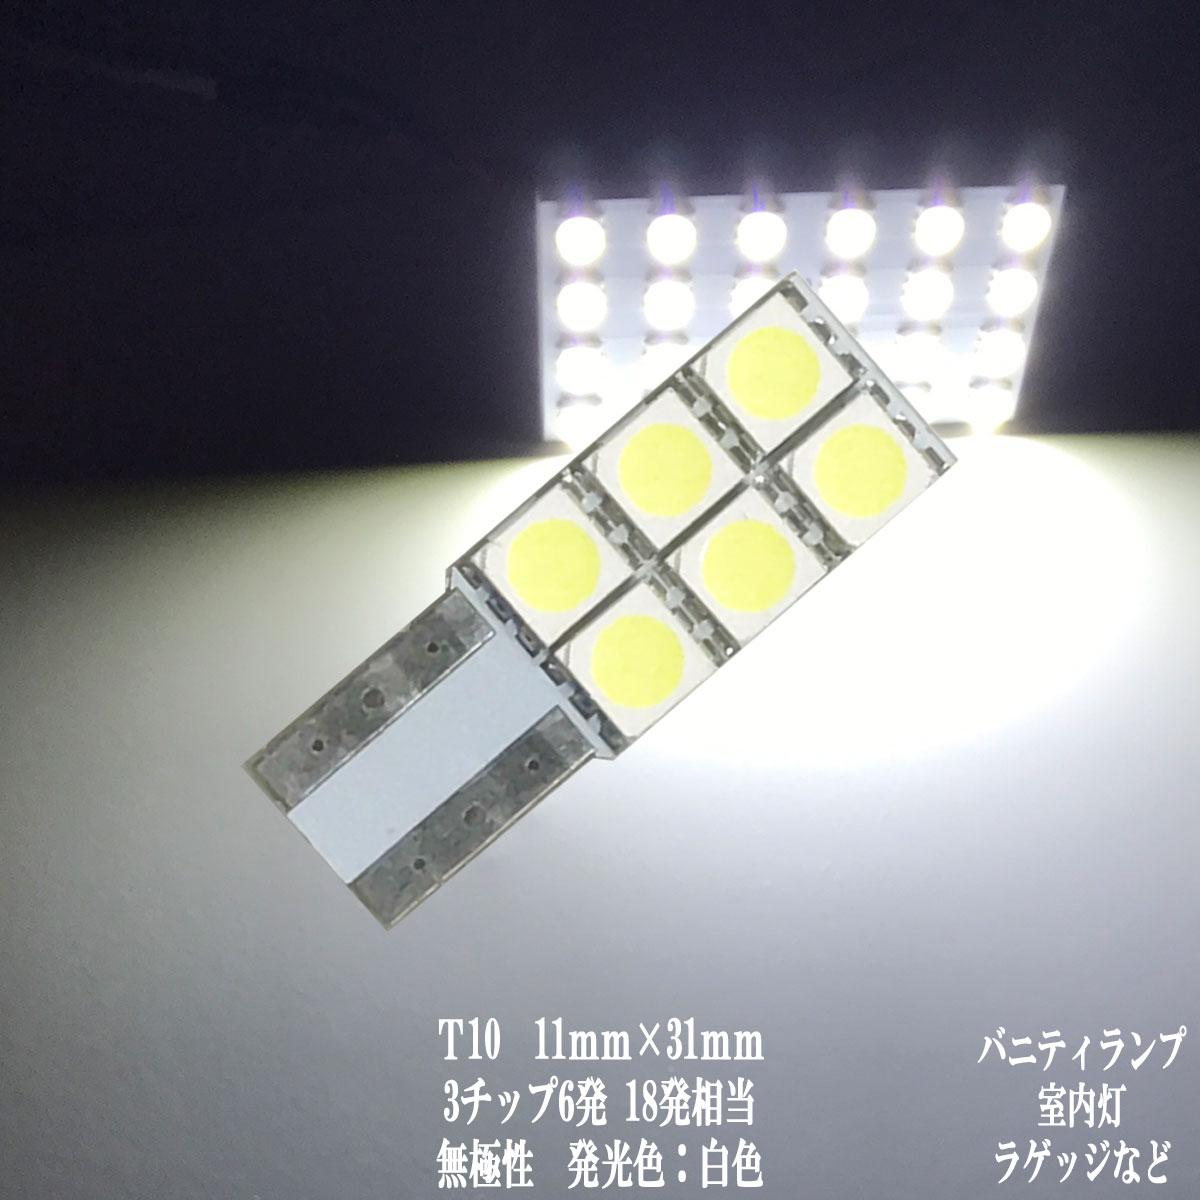 あす楽可 カスタム ルームランプ 車内が明るく アウトドアにも便利 まばゆい光 定番の 白 ホワイト 純白光 車検対応 T10 LED 11mm×31mm 6000Kクラスの 1年保証 あす楽可--ss 12v 在庫一掃売り切りセール 6連 led 待望 綺麗な光 トランク 車内灯 ラゲッジ led電球 3チップSMD バニティ t10